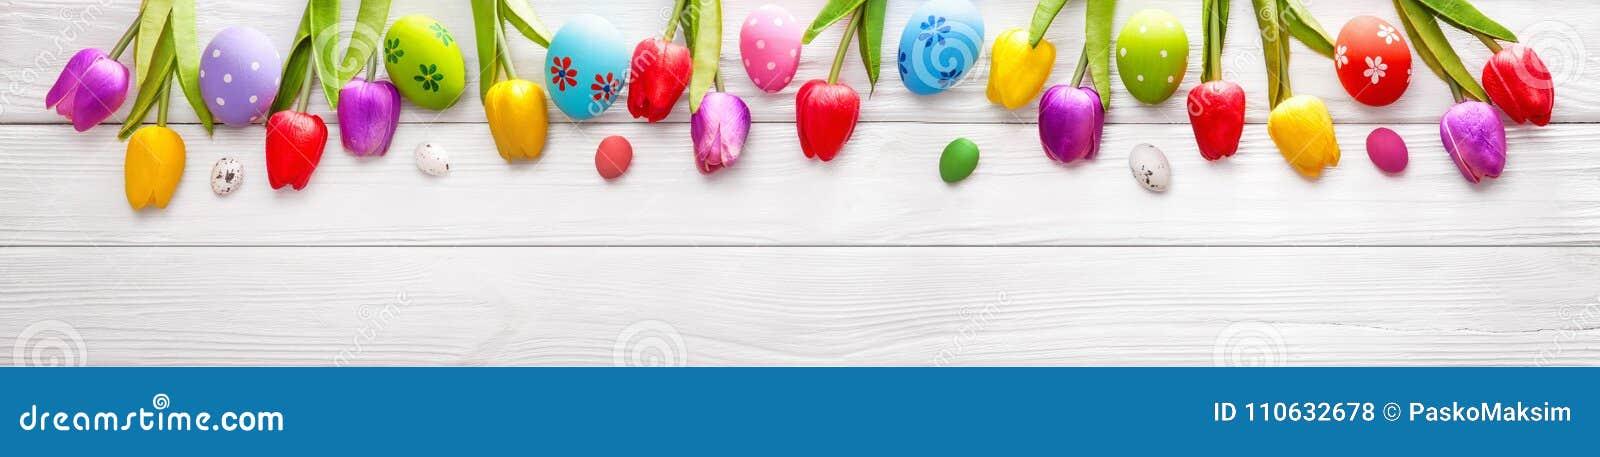 Paaseieren met bloemen op houten achtergrond